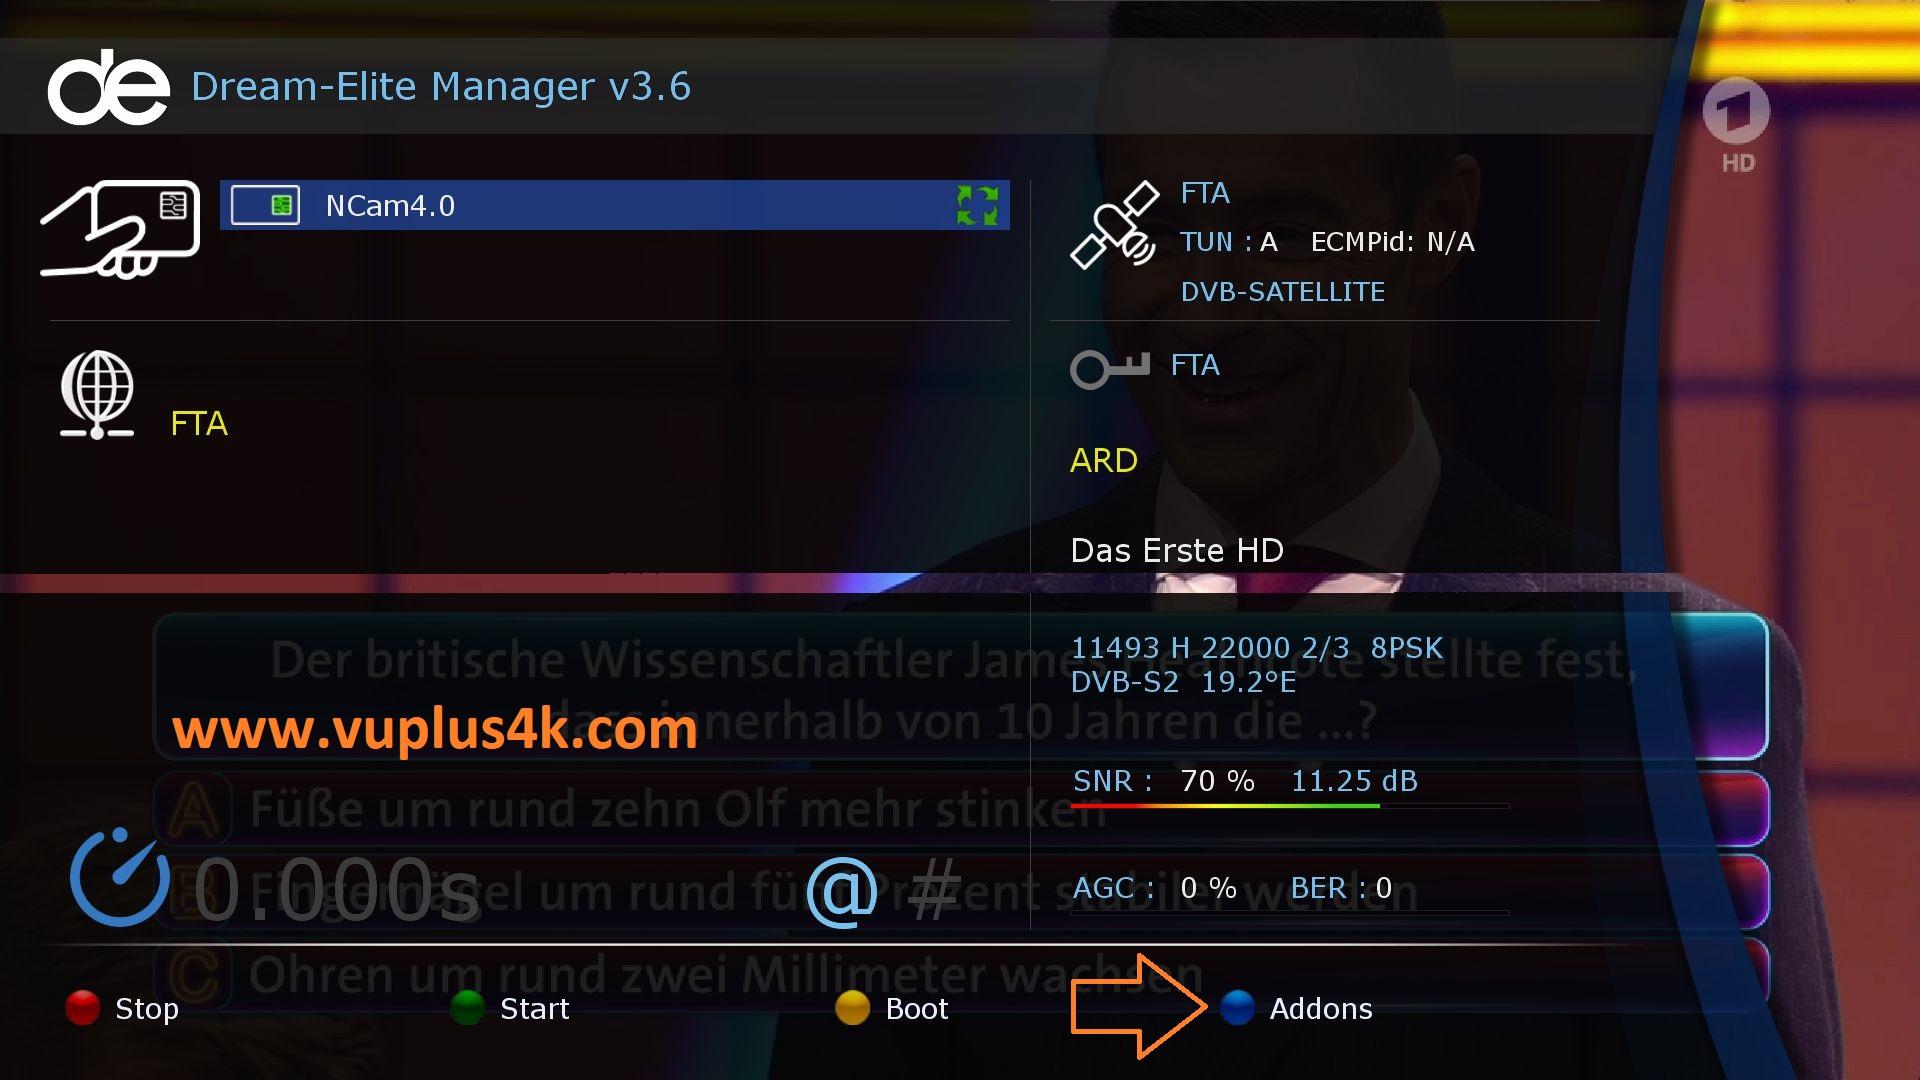 TUTORIAL] How to install OScam on DreamELite (DM900-DM920) – VUPLUS4K